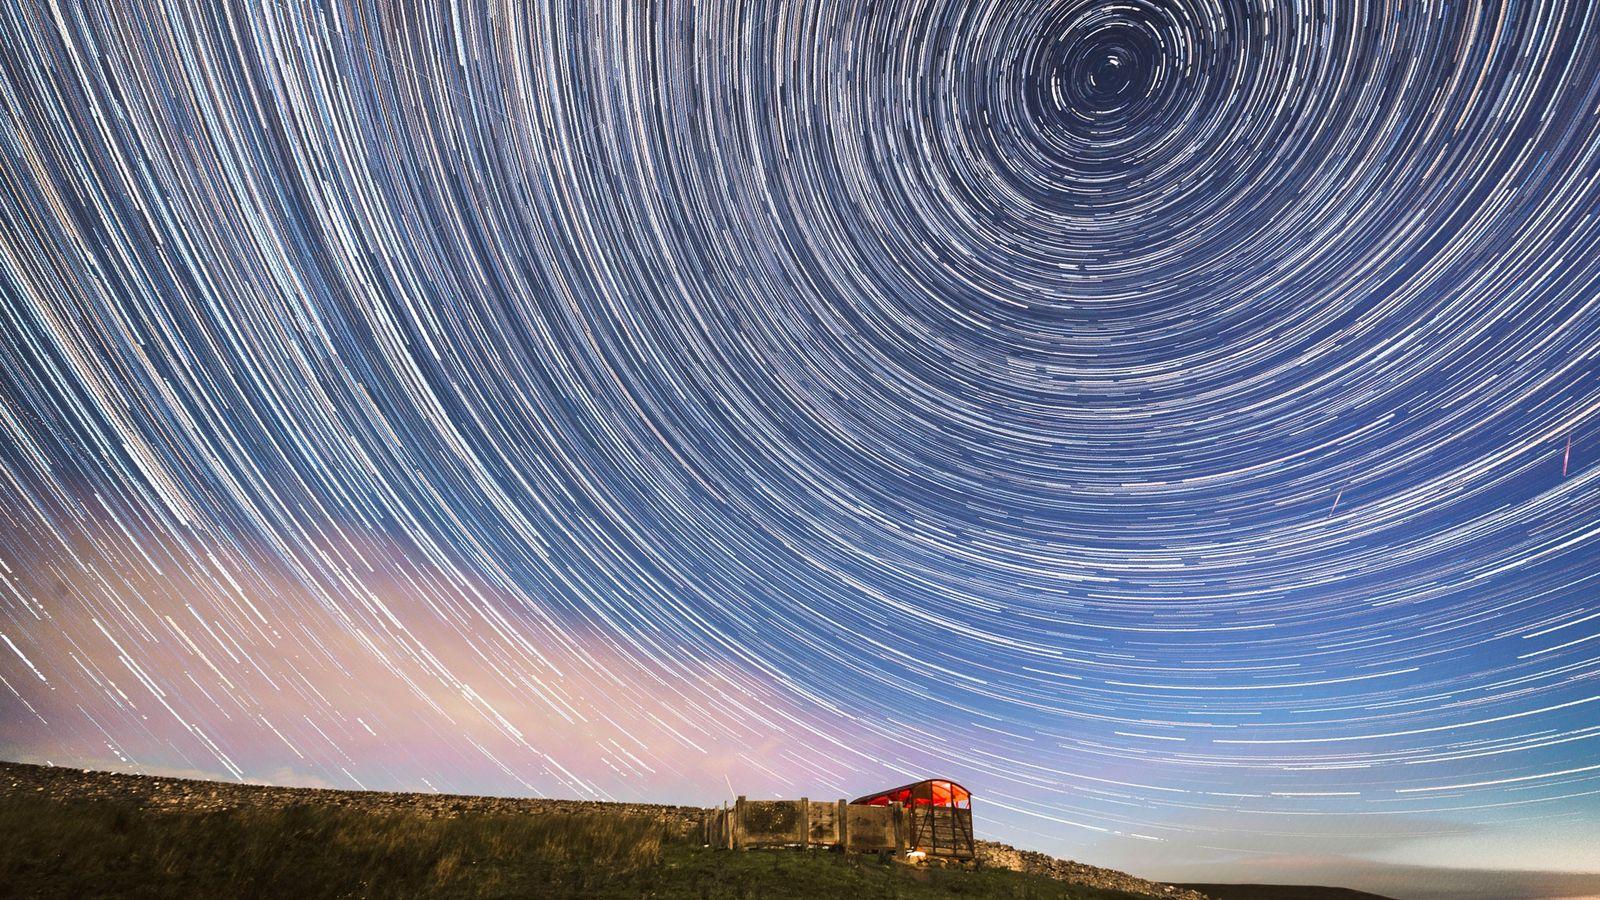 Un composite numérique de 233 photographies prises en 1 heure et 57 minutes. Des météores et ...